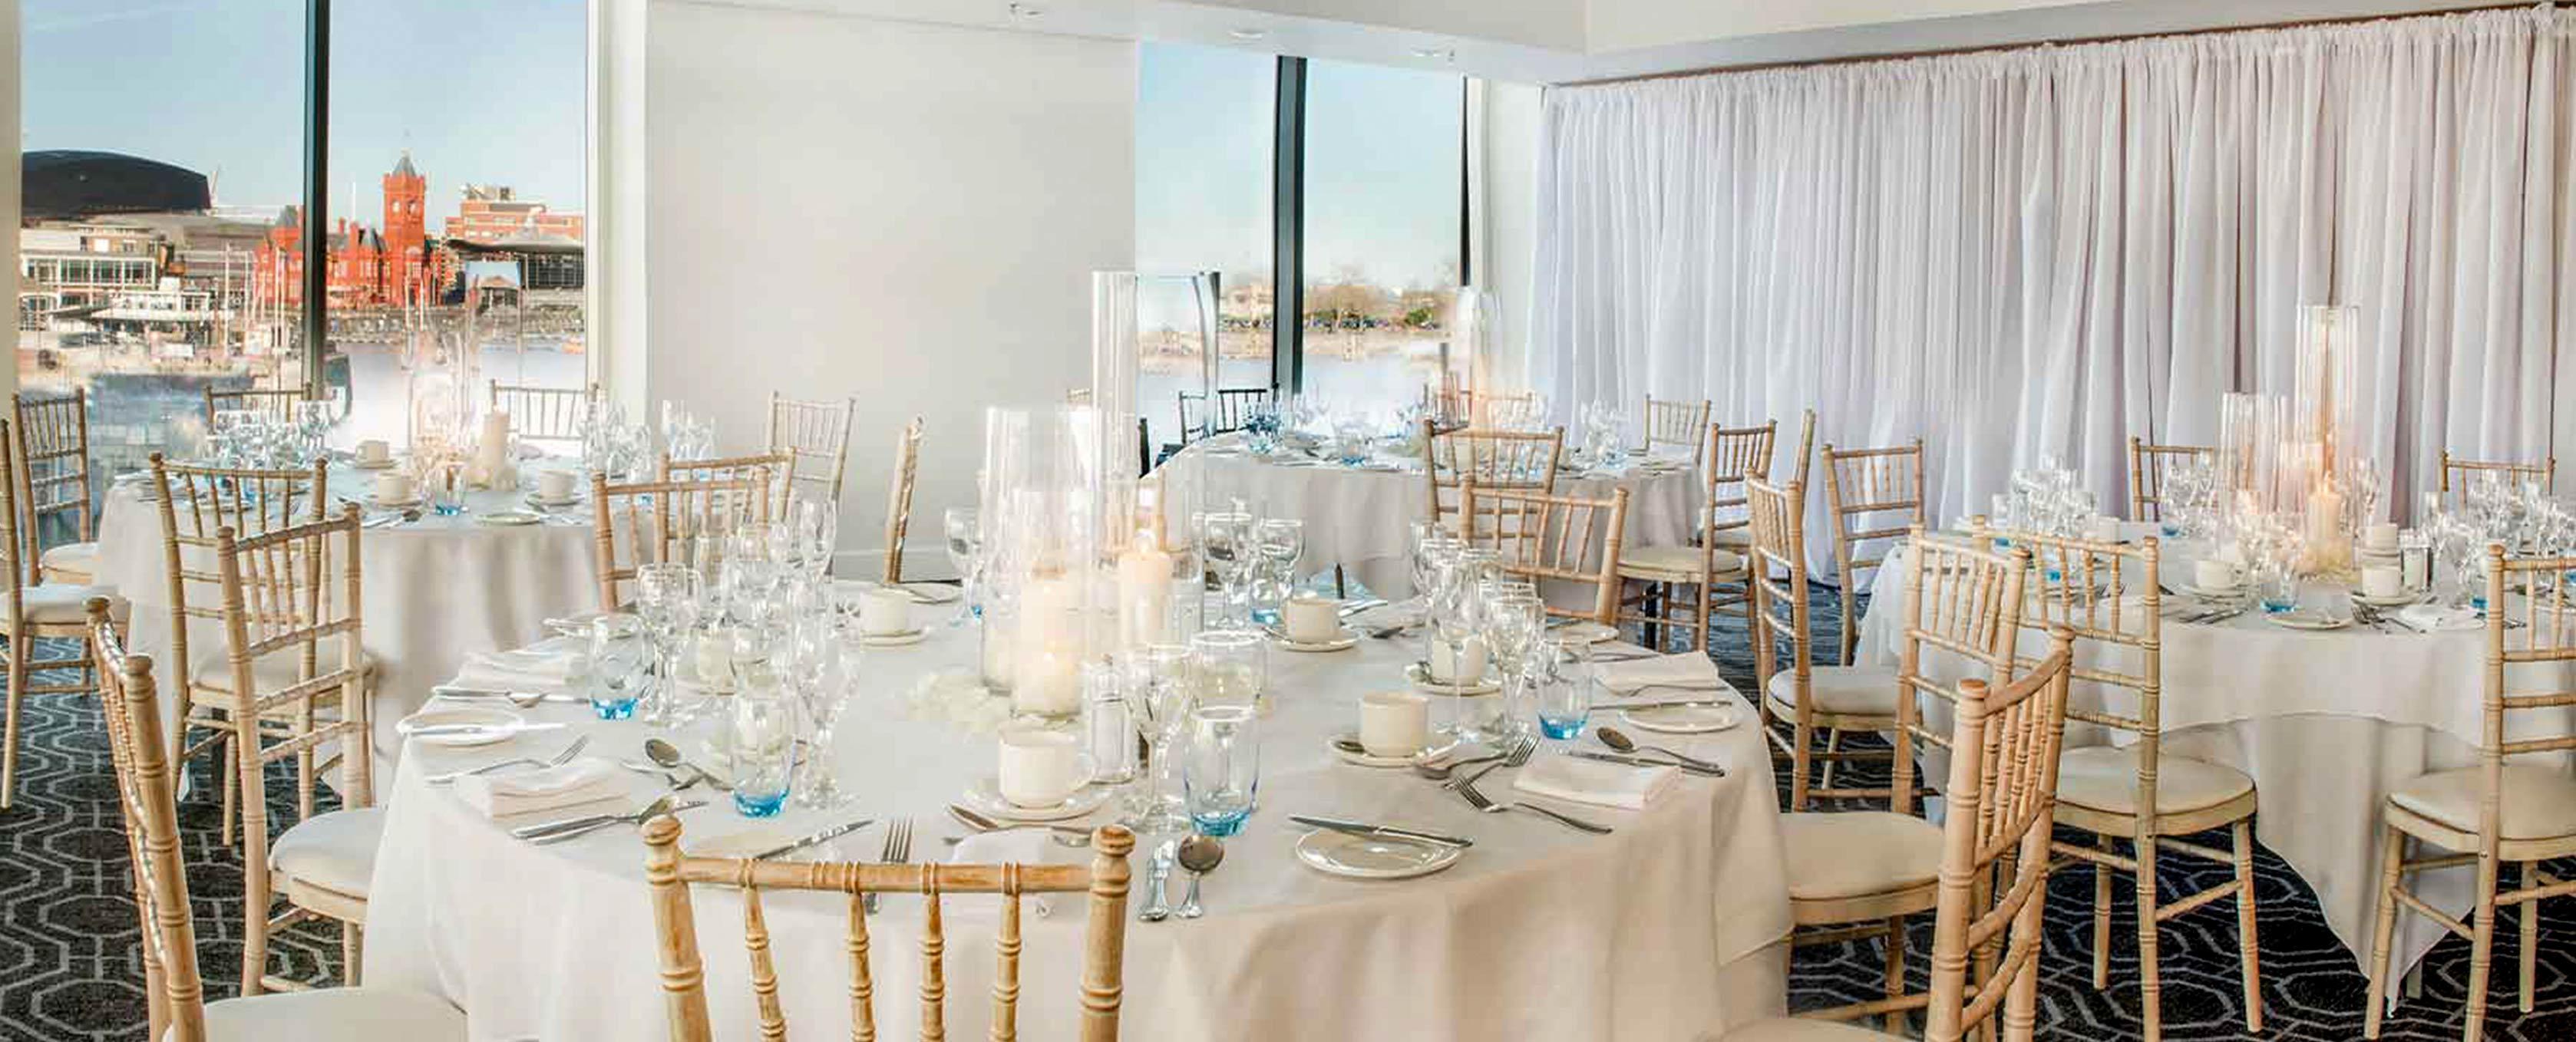 Perfect Wedding Decoration Hire Uk Inspiration - Wedding Idea 2018 ...